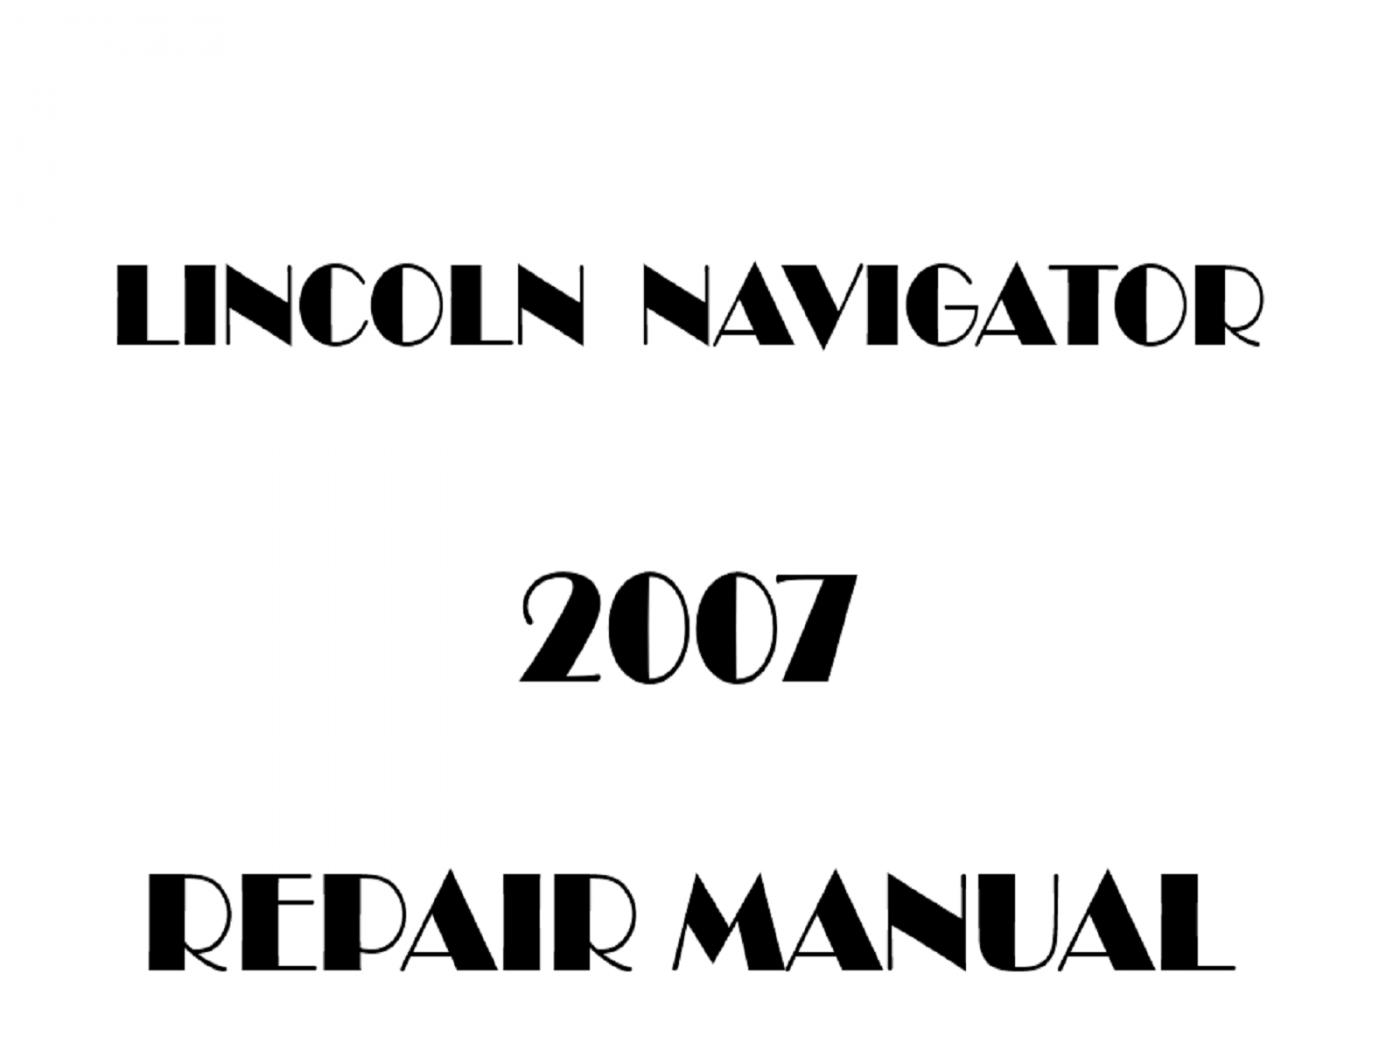 2007 Lincoln Navigator repair manual